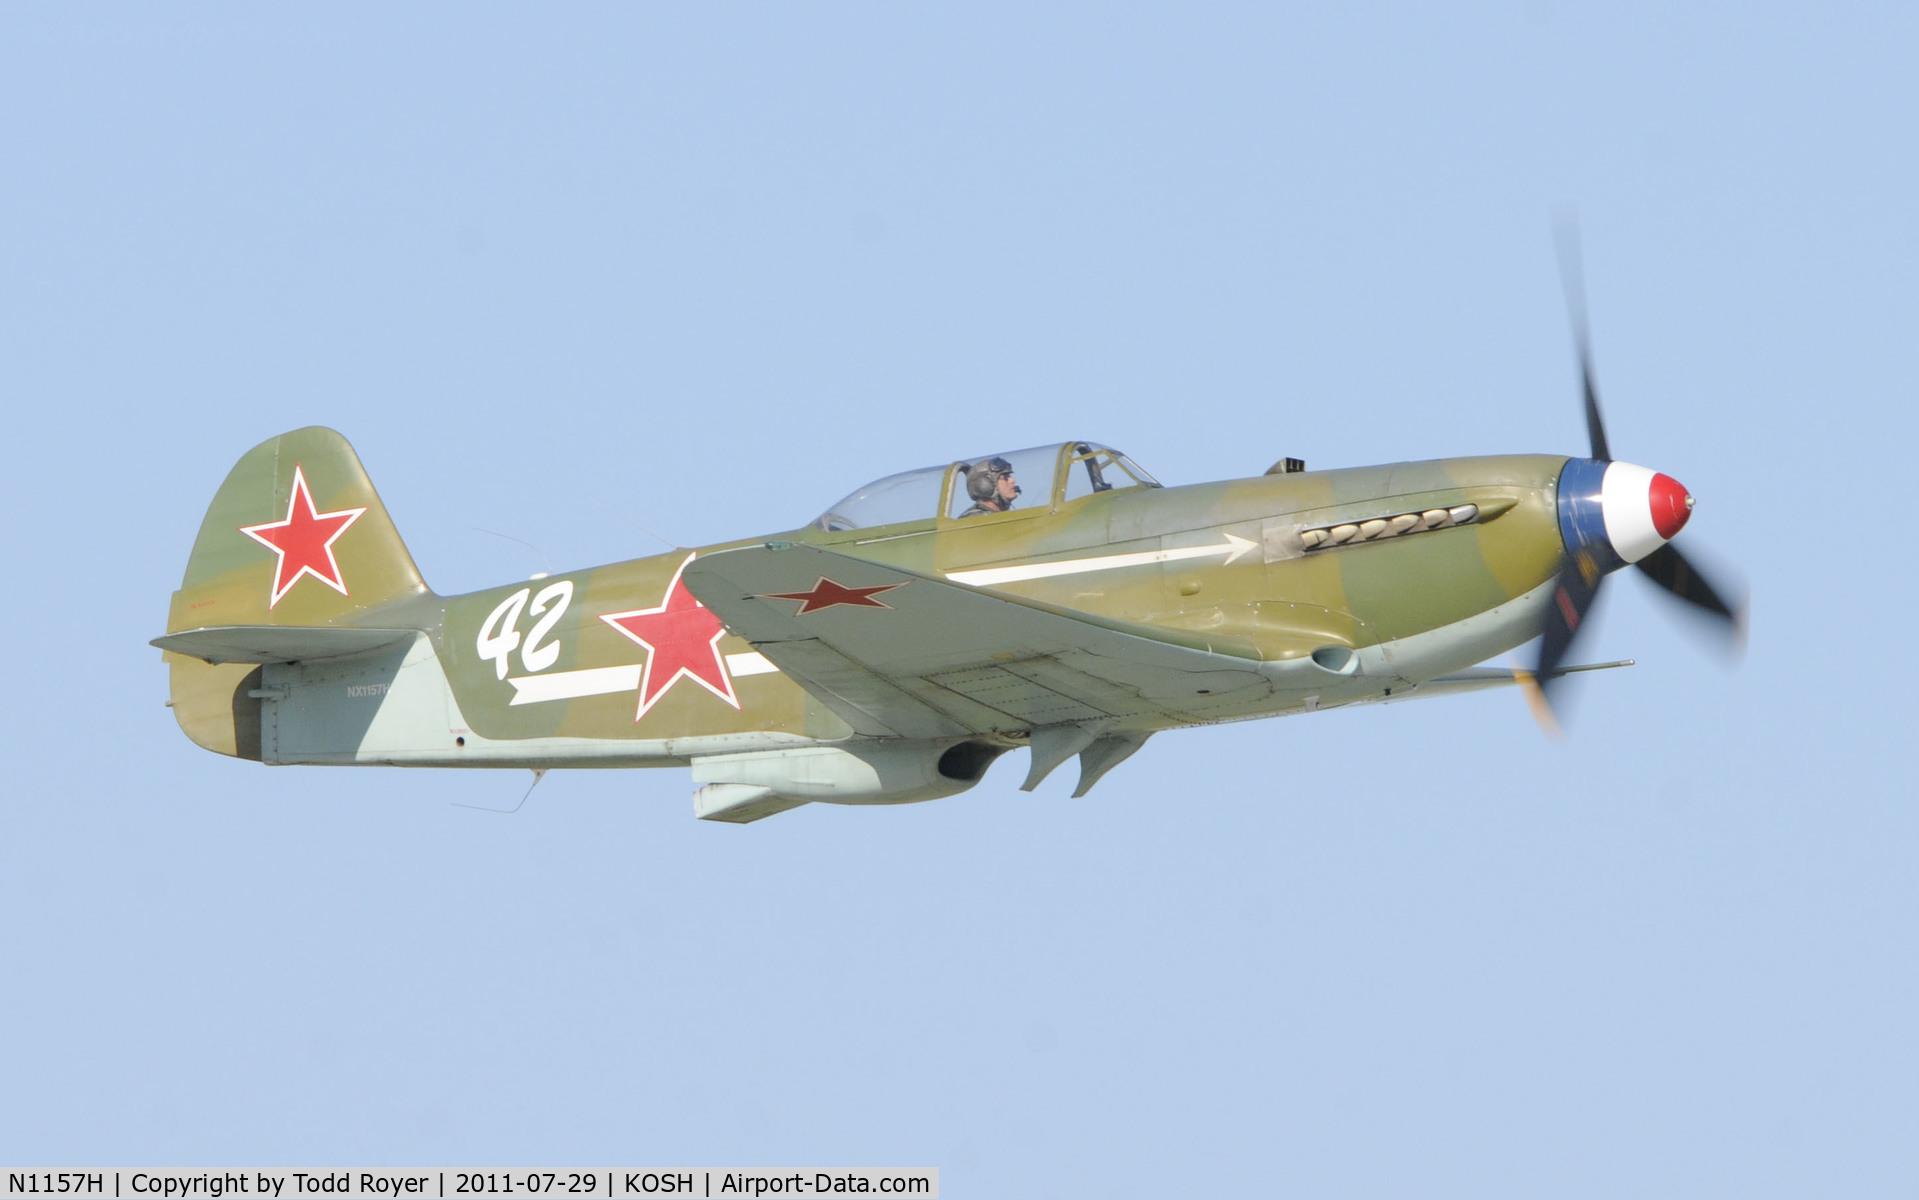 N1157H, 1994 Yakovlev Yak-9U-M C/N 0470402, AIRVENTURE 2011